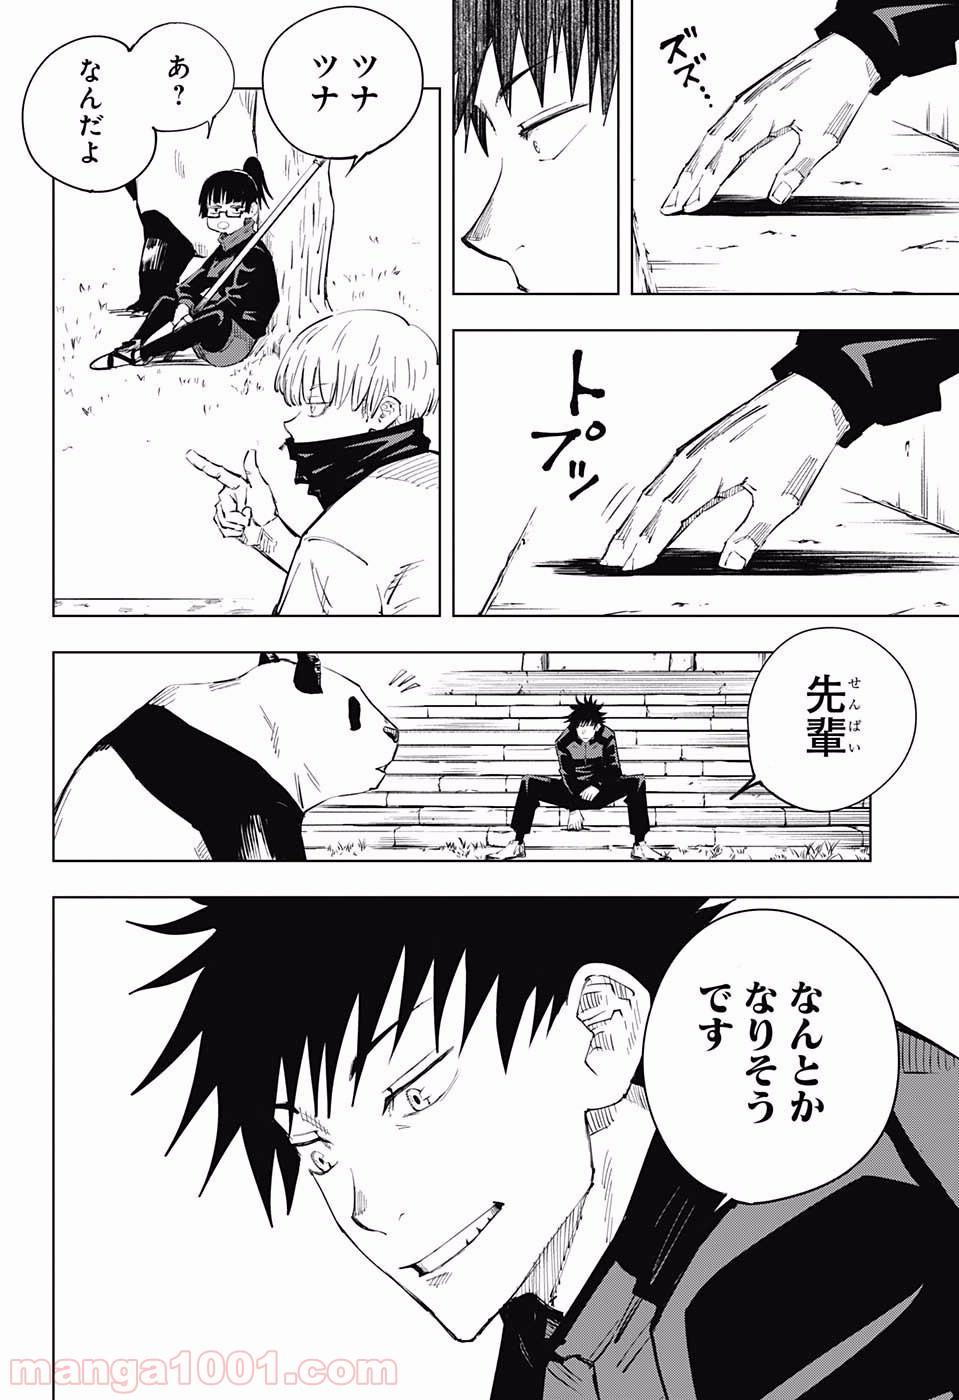 呪術廻戦 – Raw 【第13話】 – Manga Raw